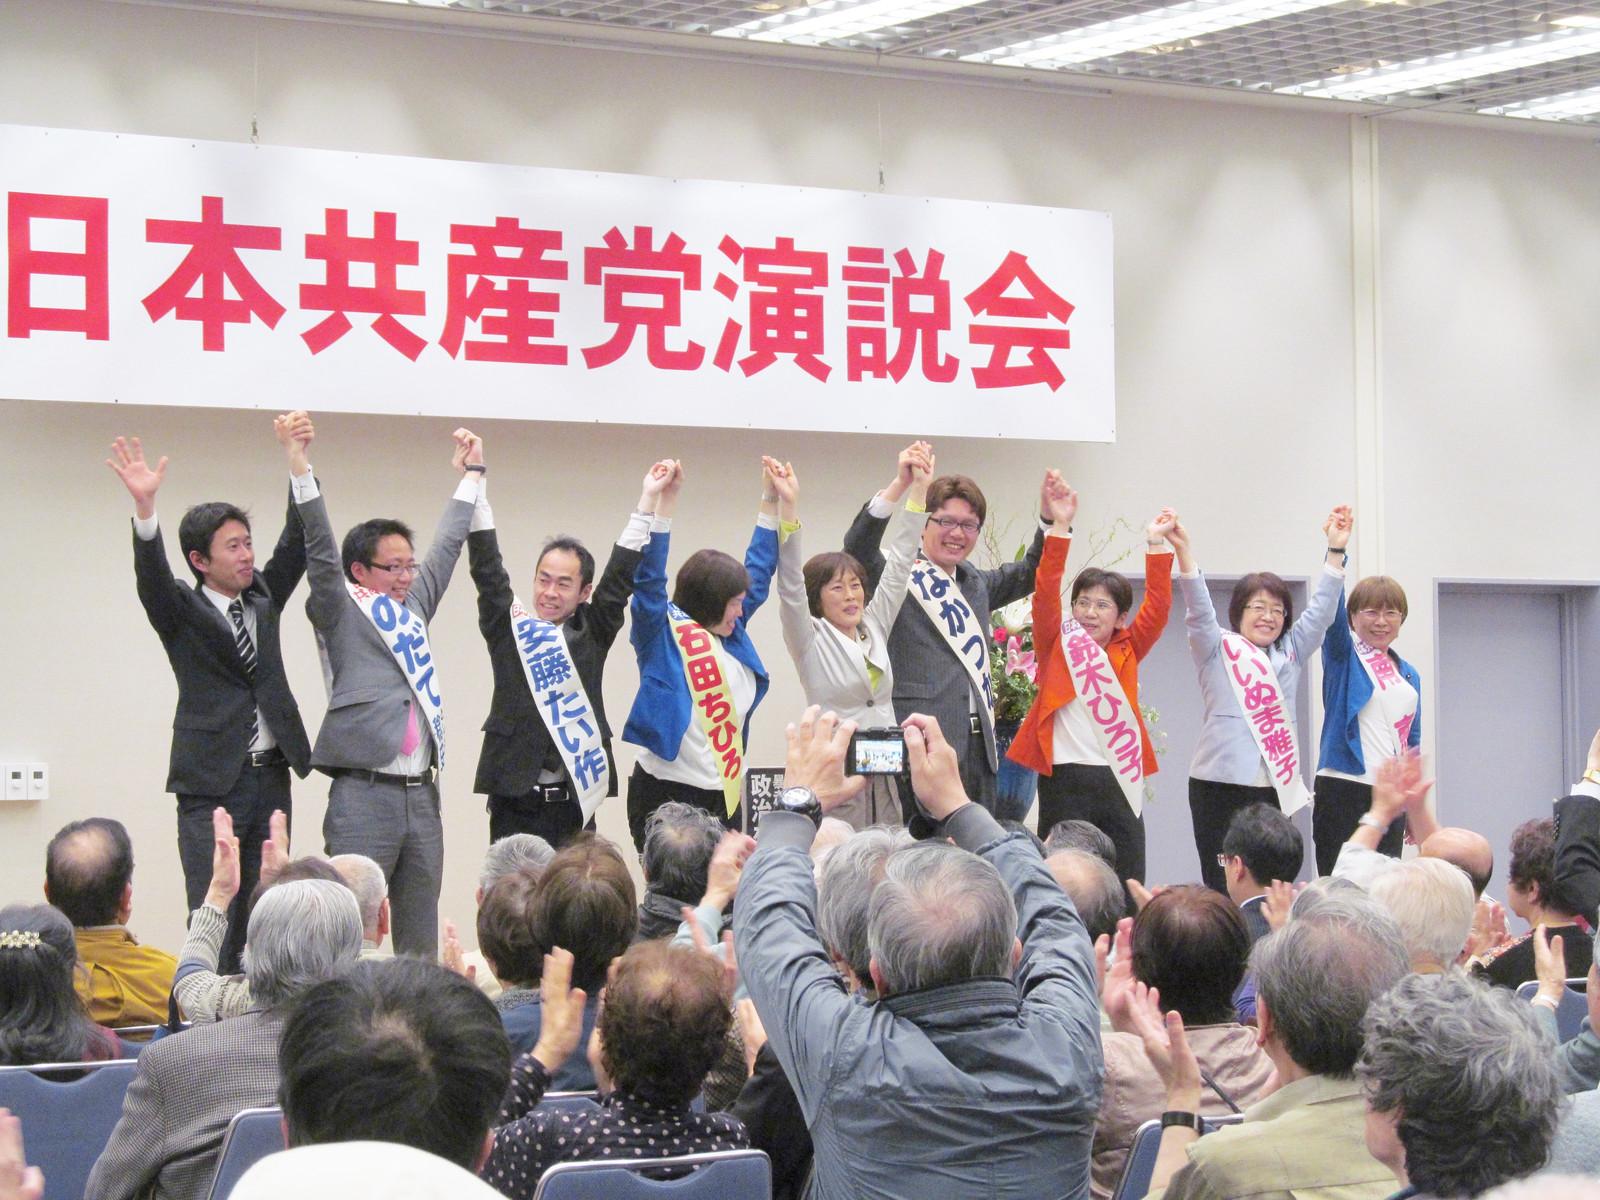 7区議候補と田村参院議員(中央)、白石都議(左端)=3月31日、東京都品川区